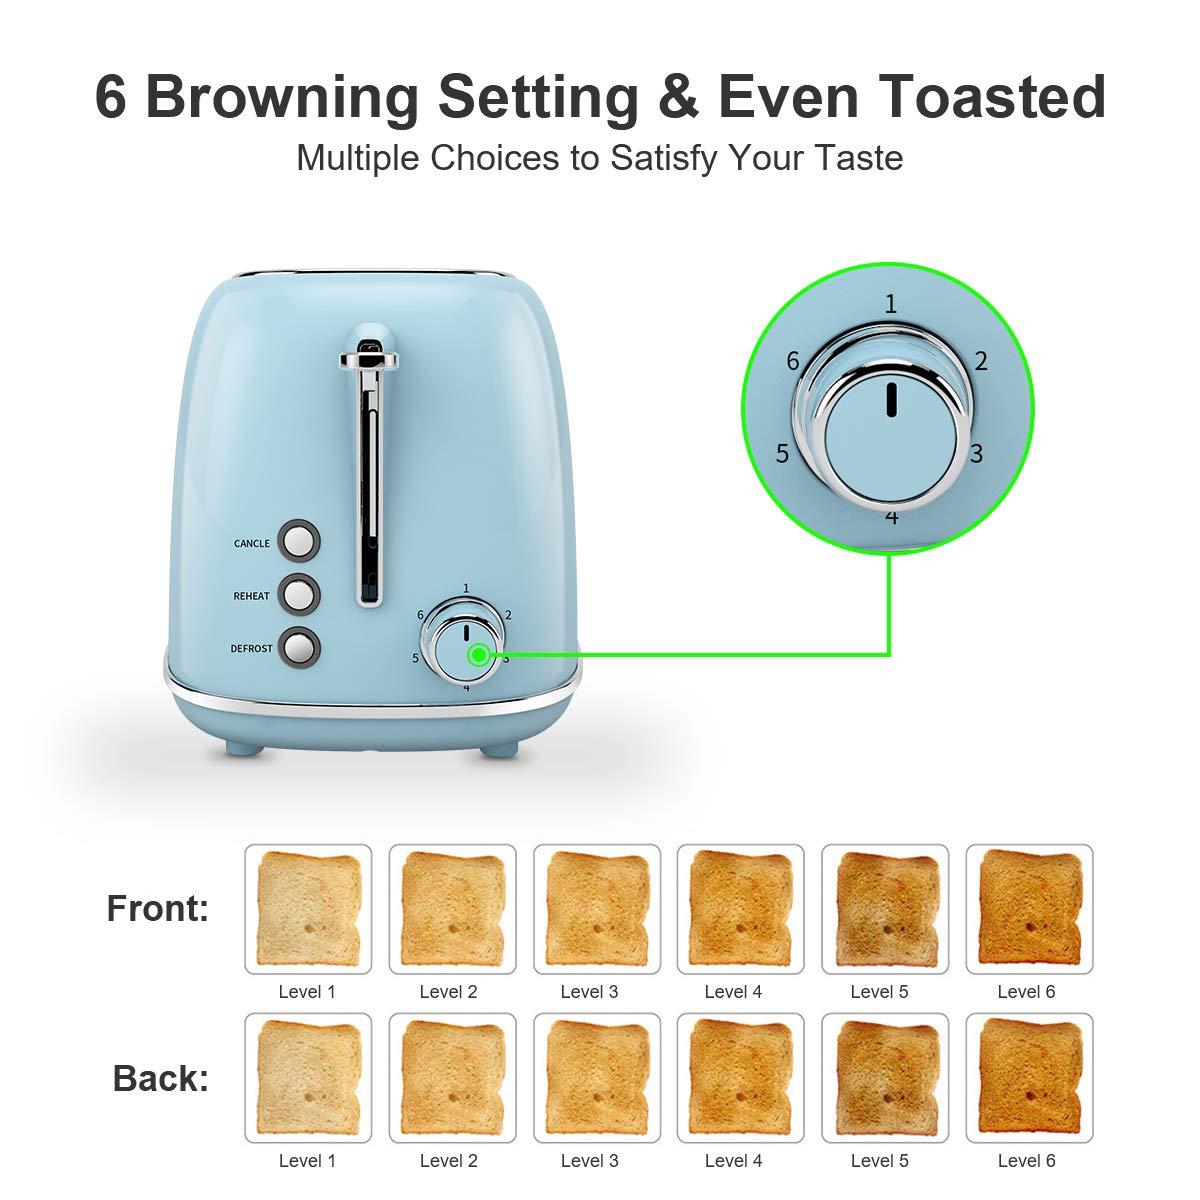 Tostapane automatico, tostapane in acciaio inox Morpilot con 2 slot automatici large, 6 modalità di tostatura - Tostapane con funzioni di sbrinamentoTostapane, vassoio raccoglibriciole rimovibile